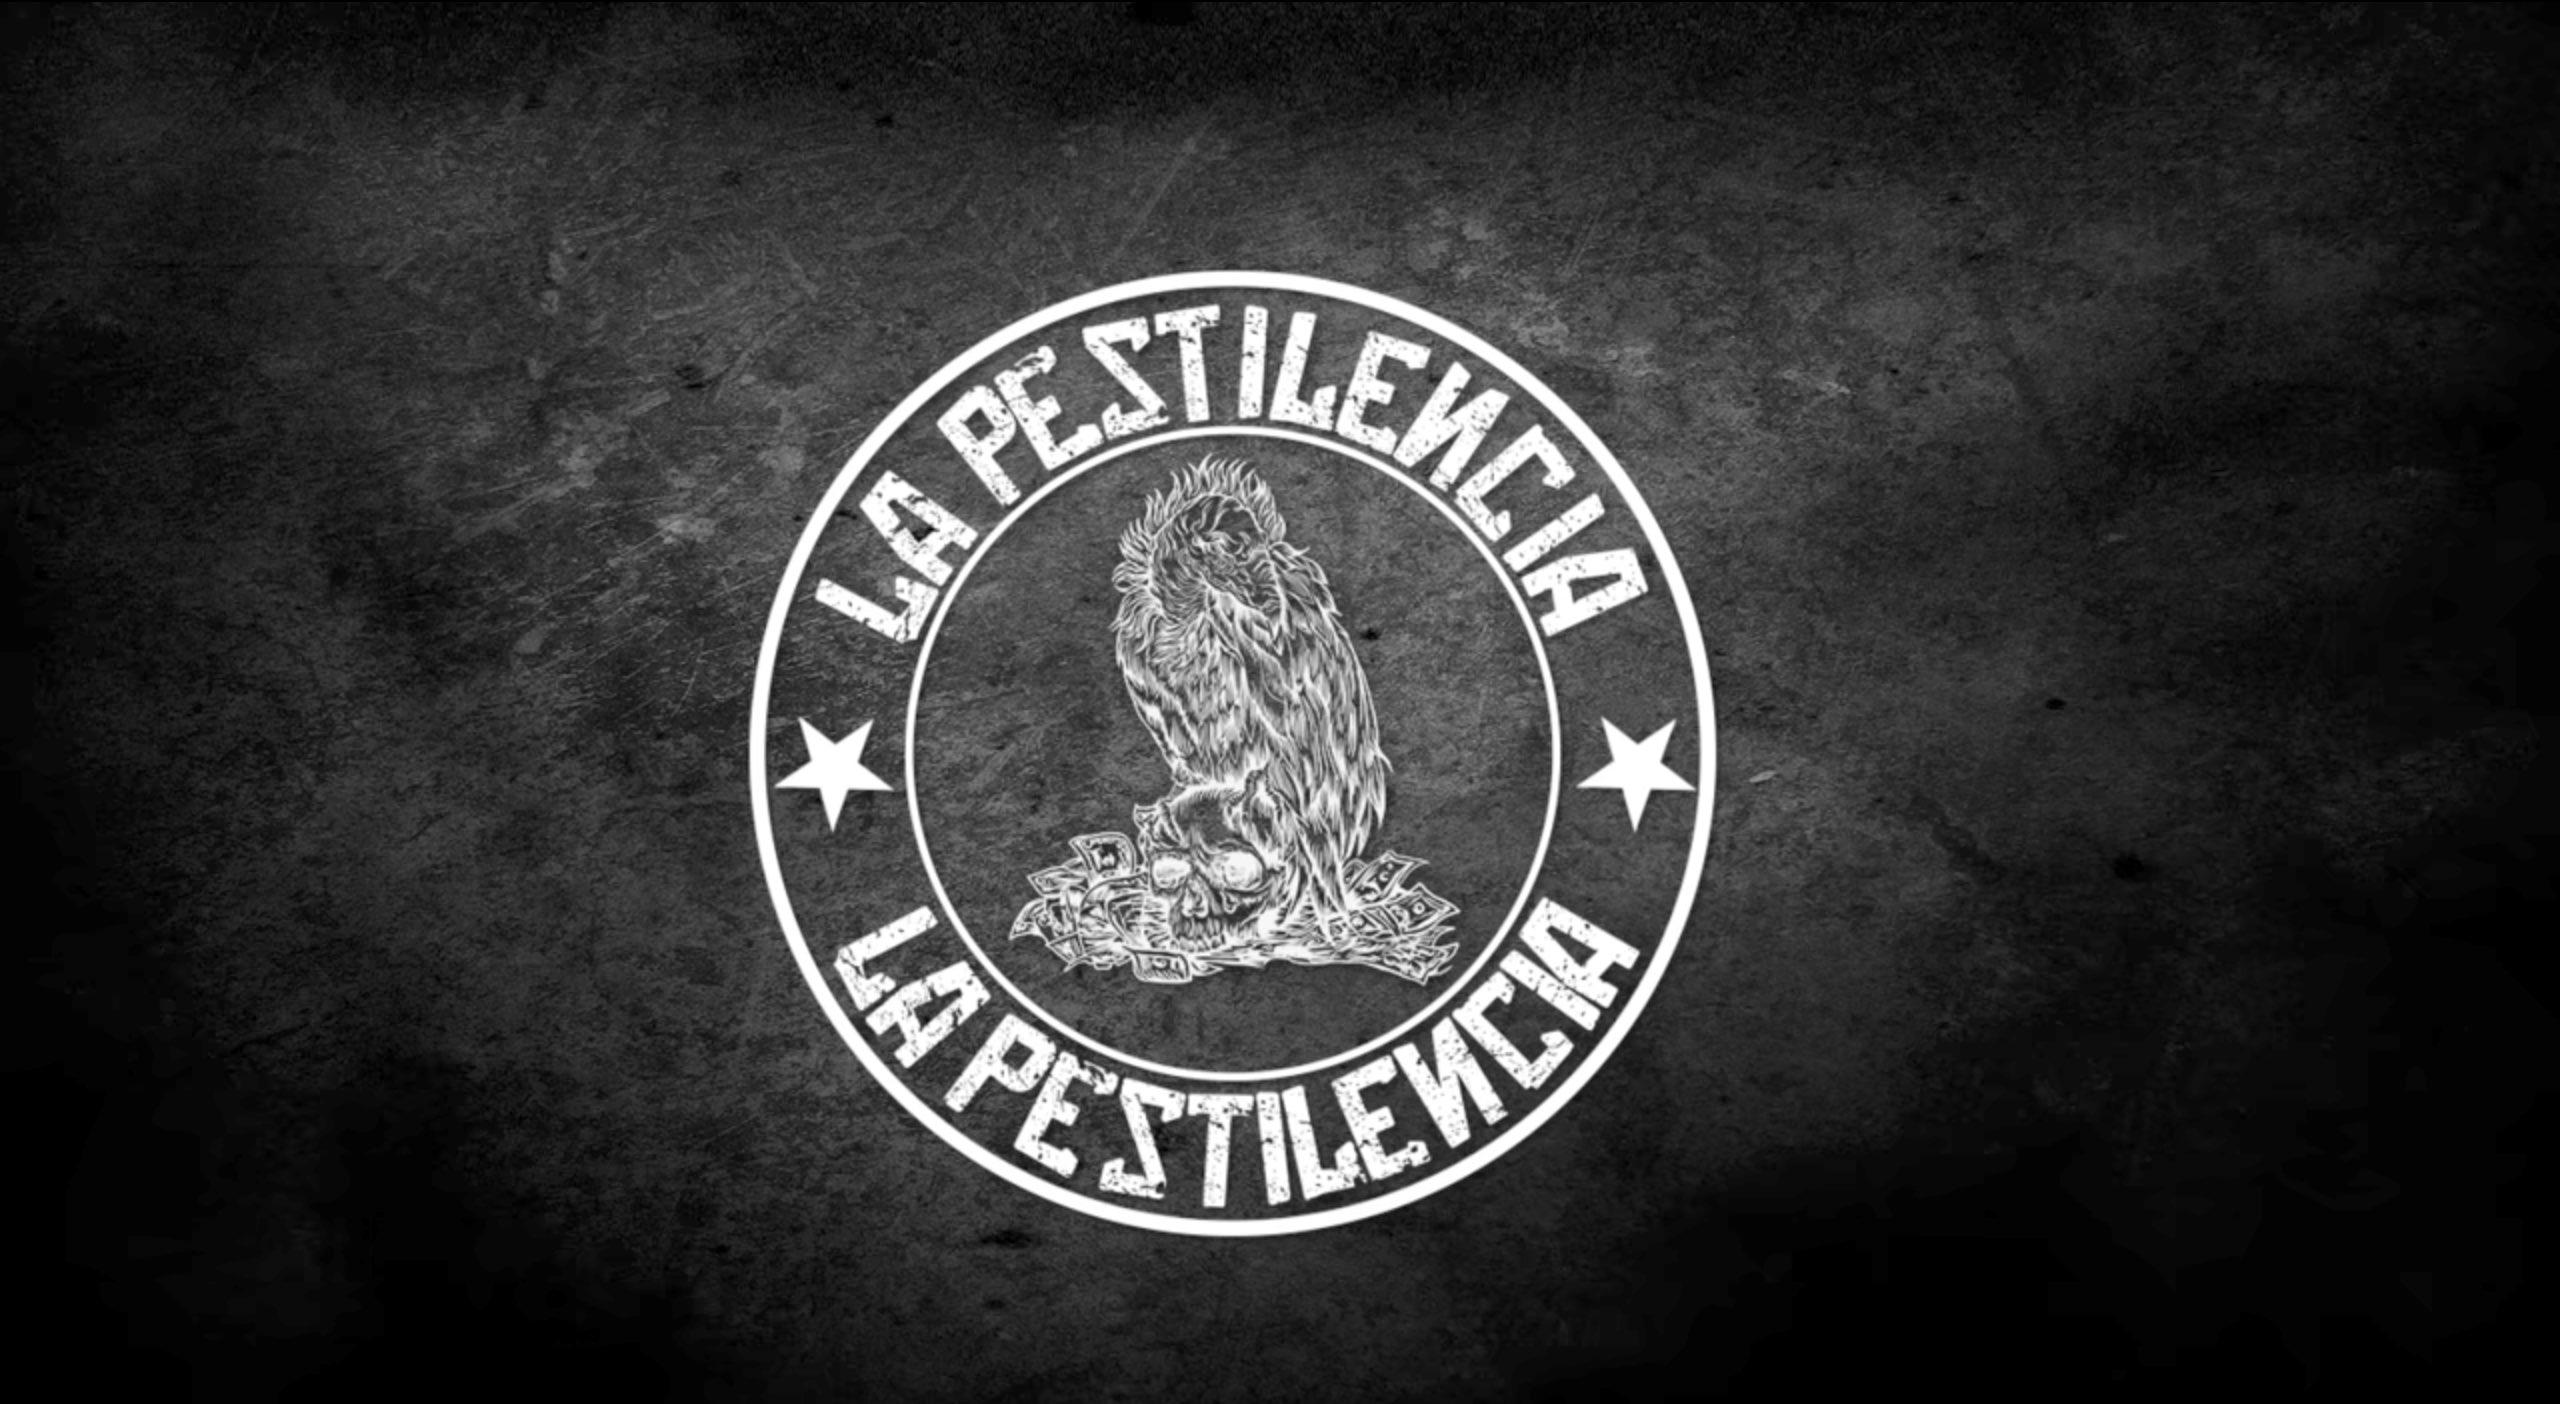 La pestilencia estrena nueva canción: qué buen ciudadano soy